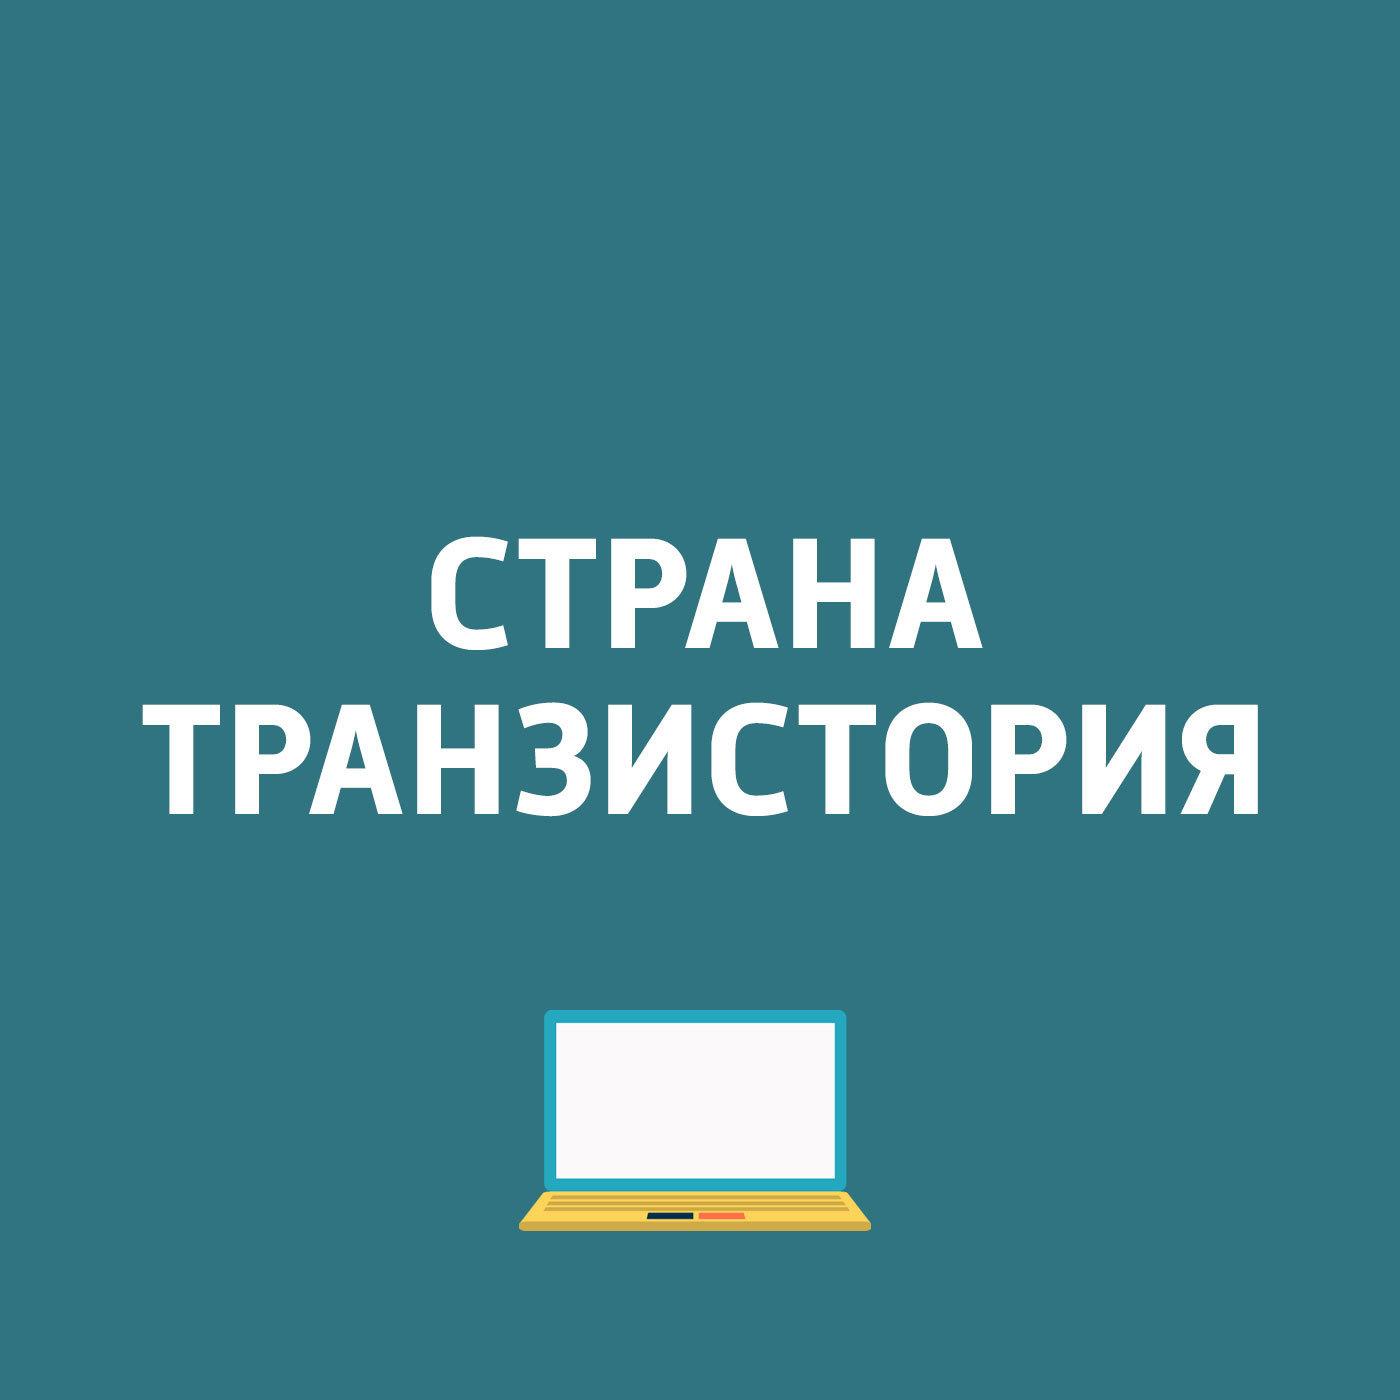 Картаев Павел Шутки 1 апреля. Ежегодно в химчистке пропадают тысячи флеш-накопителей sunfire atmos xtatm265